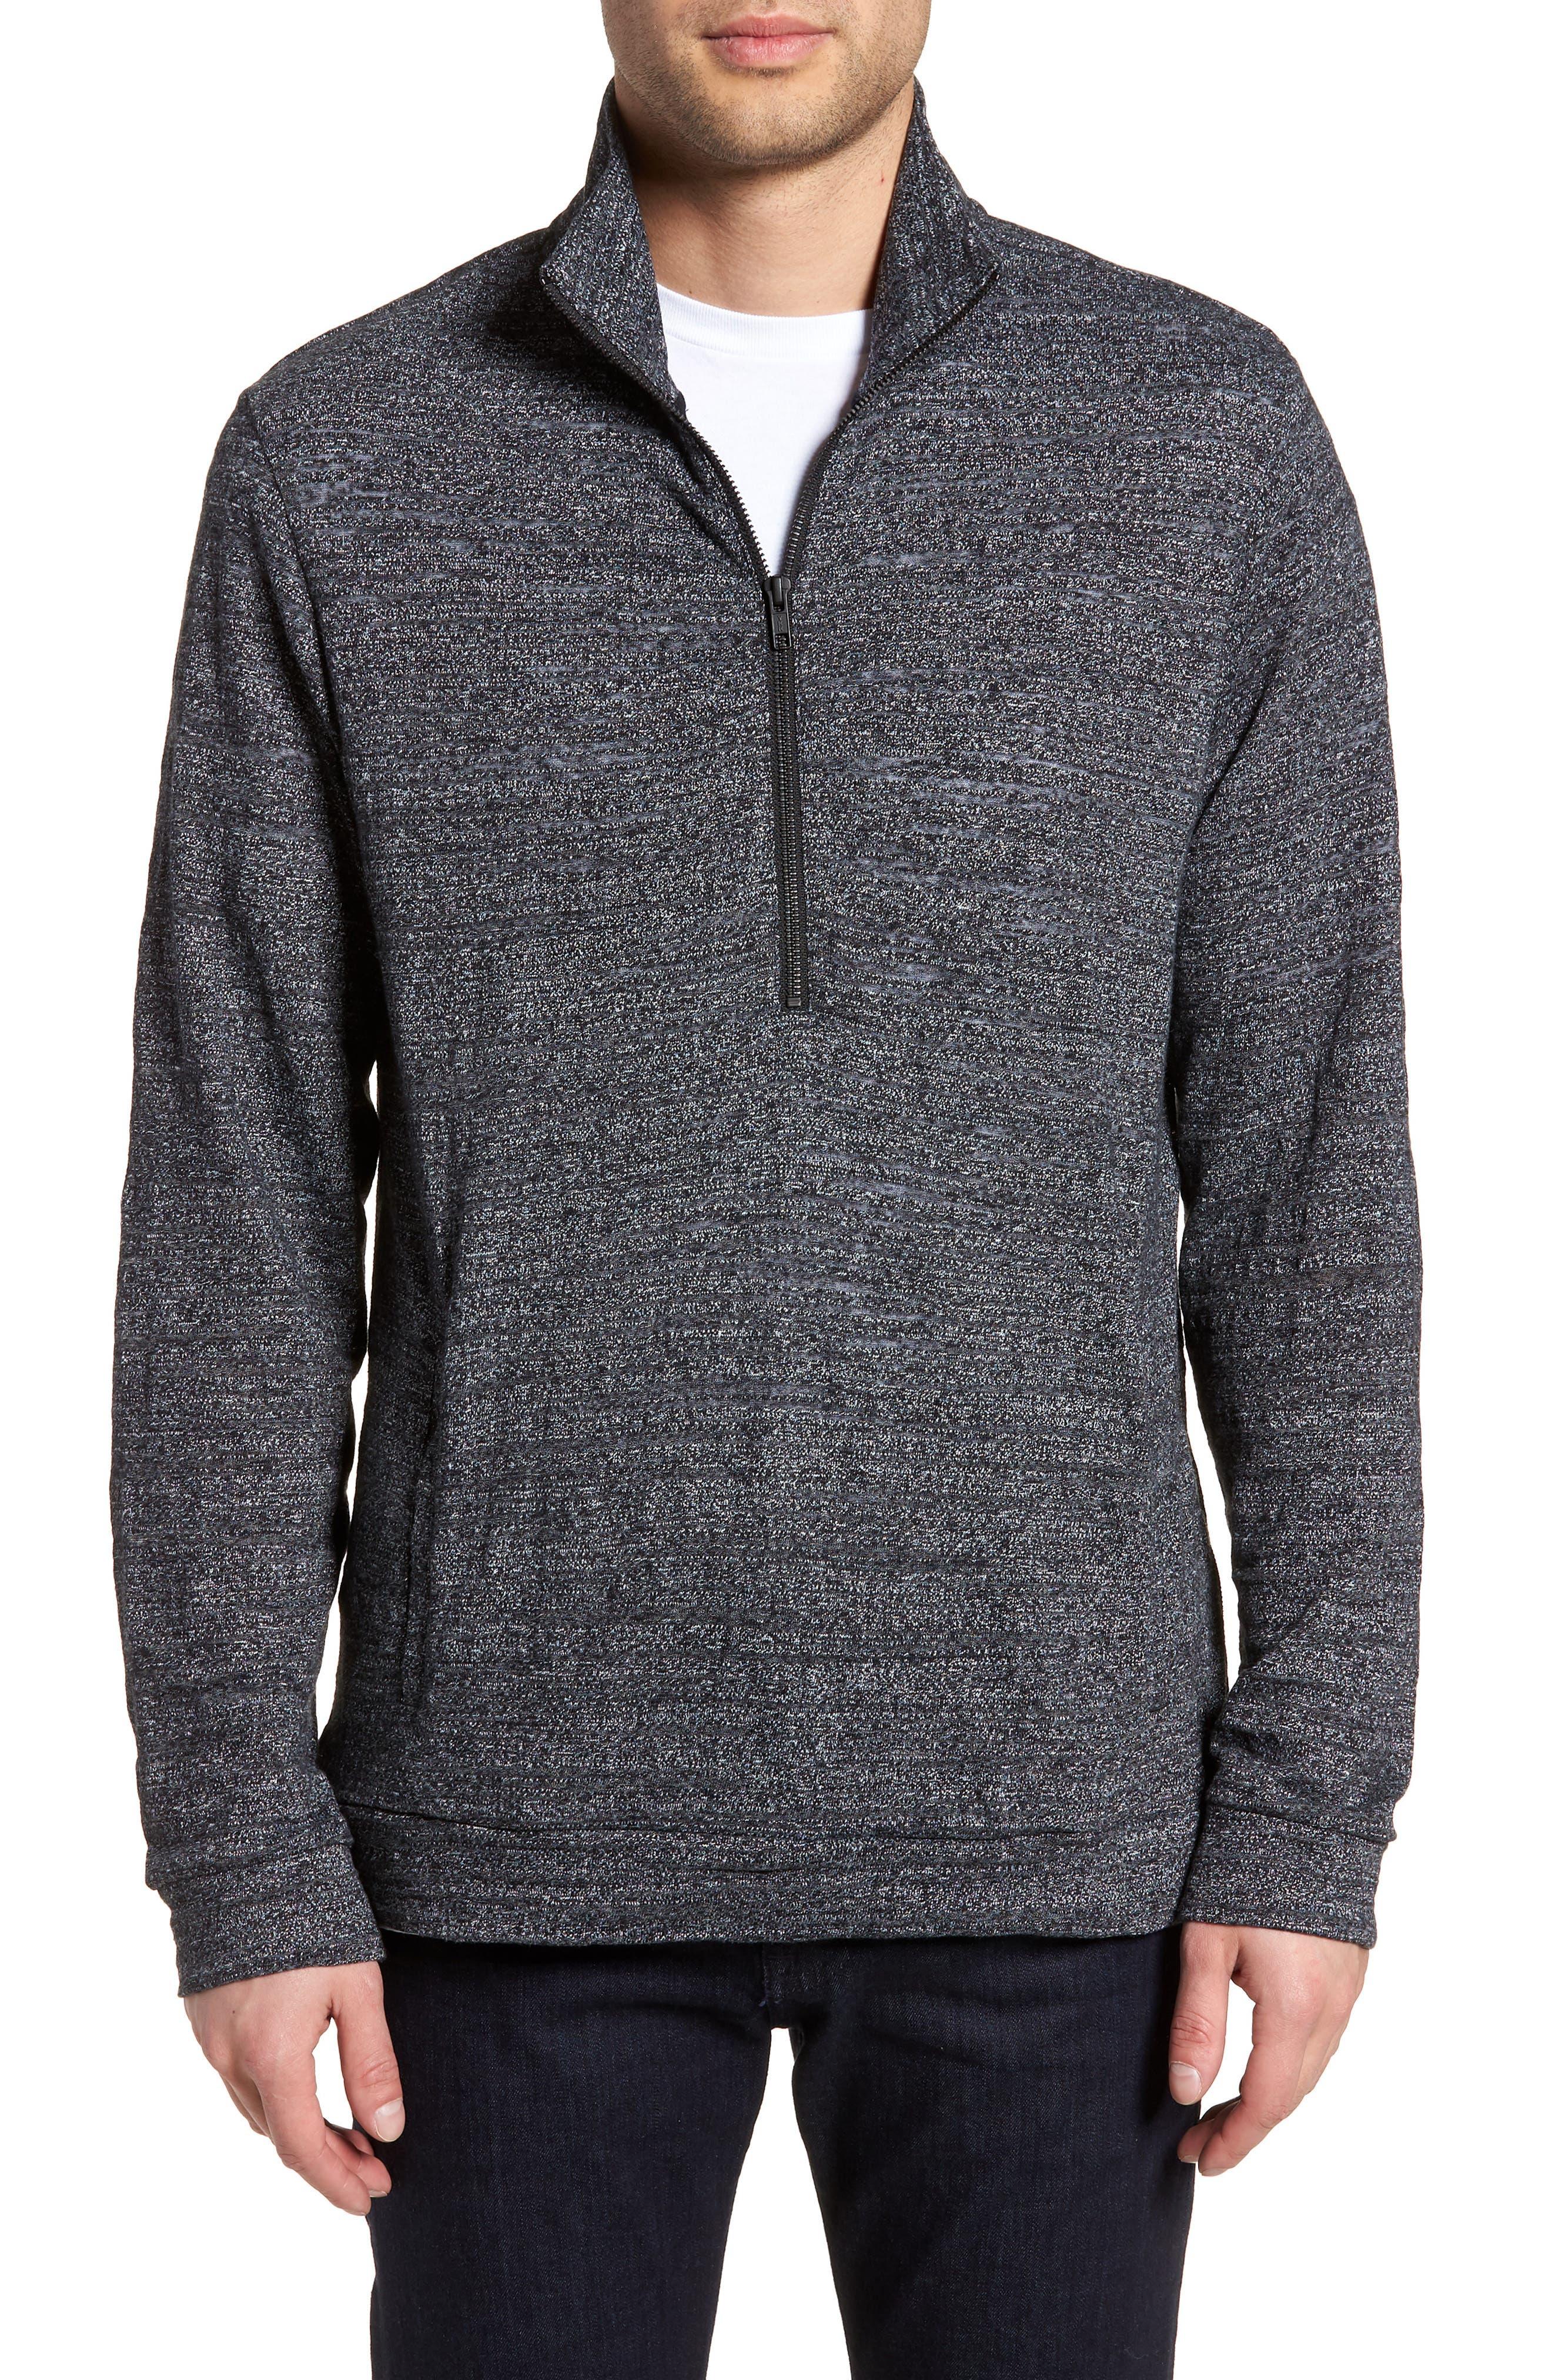 Textured Zip Fleece Sweatshirt,                             Main thumbnail 1, color,                             Black Melange